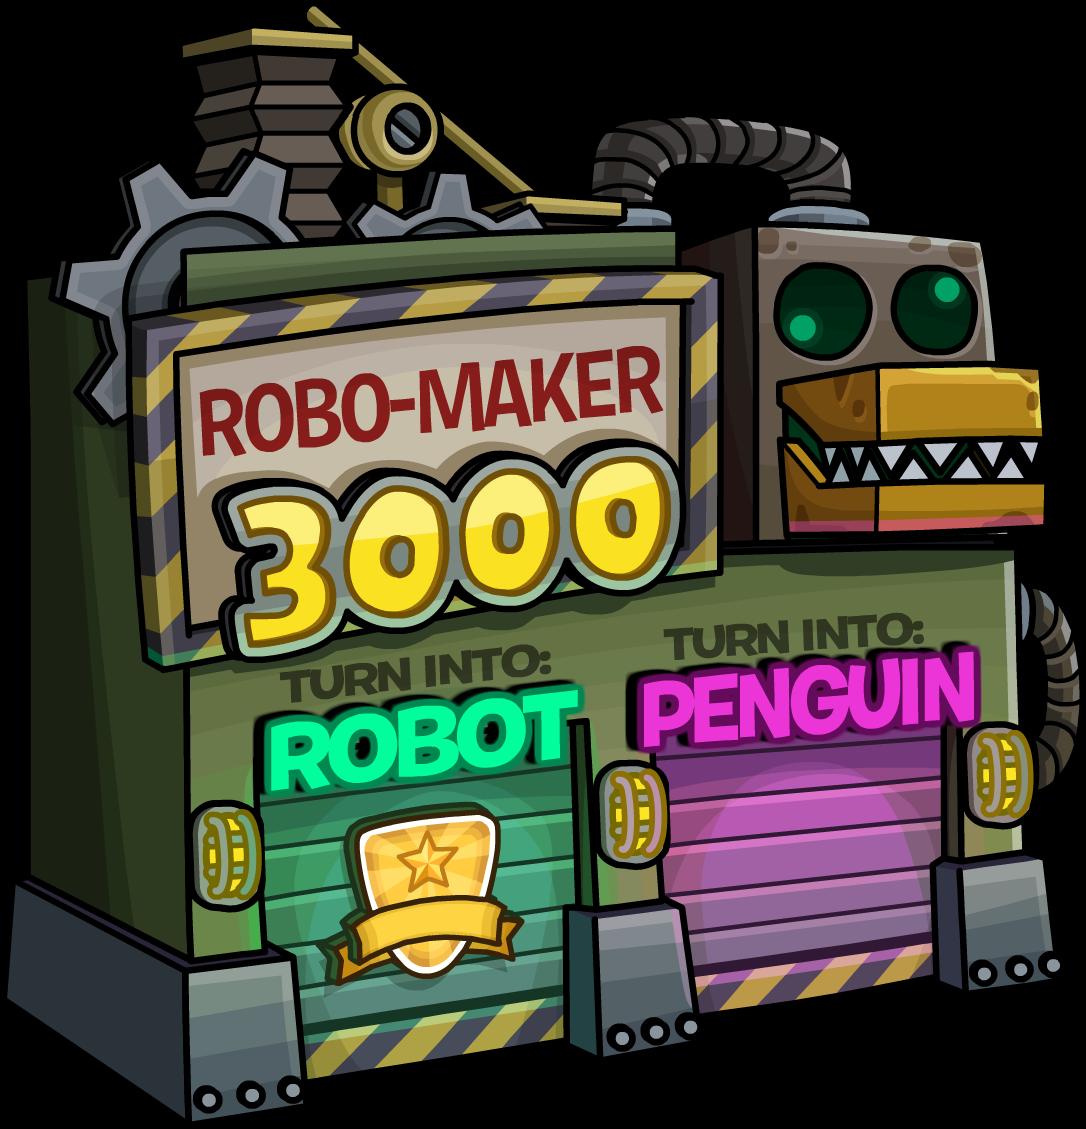 Robo-Maker 3000